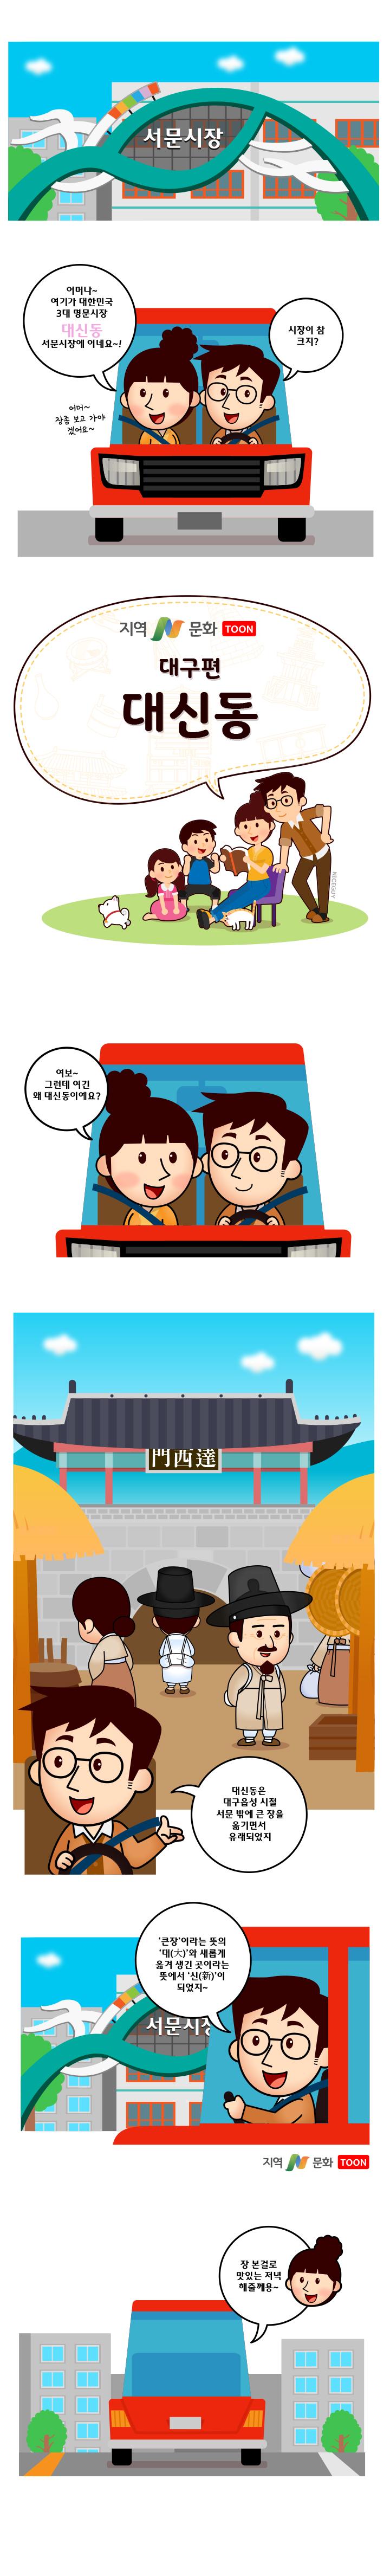 대구광역시 중구 대신동의 지명은 대구읍성 시절 서문 밖에 큰 장을 옮기면서 유래되었다. '큰장'이라는 뜻의 '대(大)'와 새롭게 옮겨 생긴 곳이라는 뜻의 '신(新)'을 따서 대신동이라고 부른다.